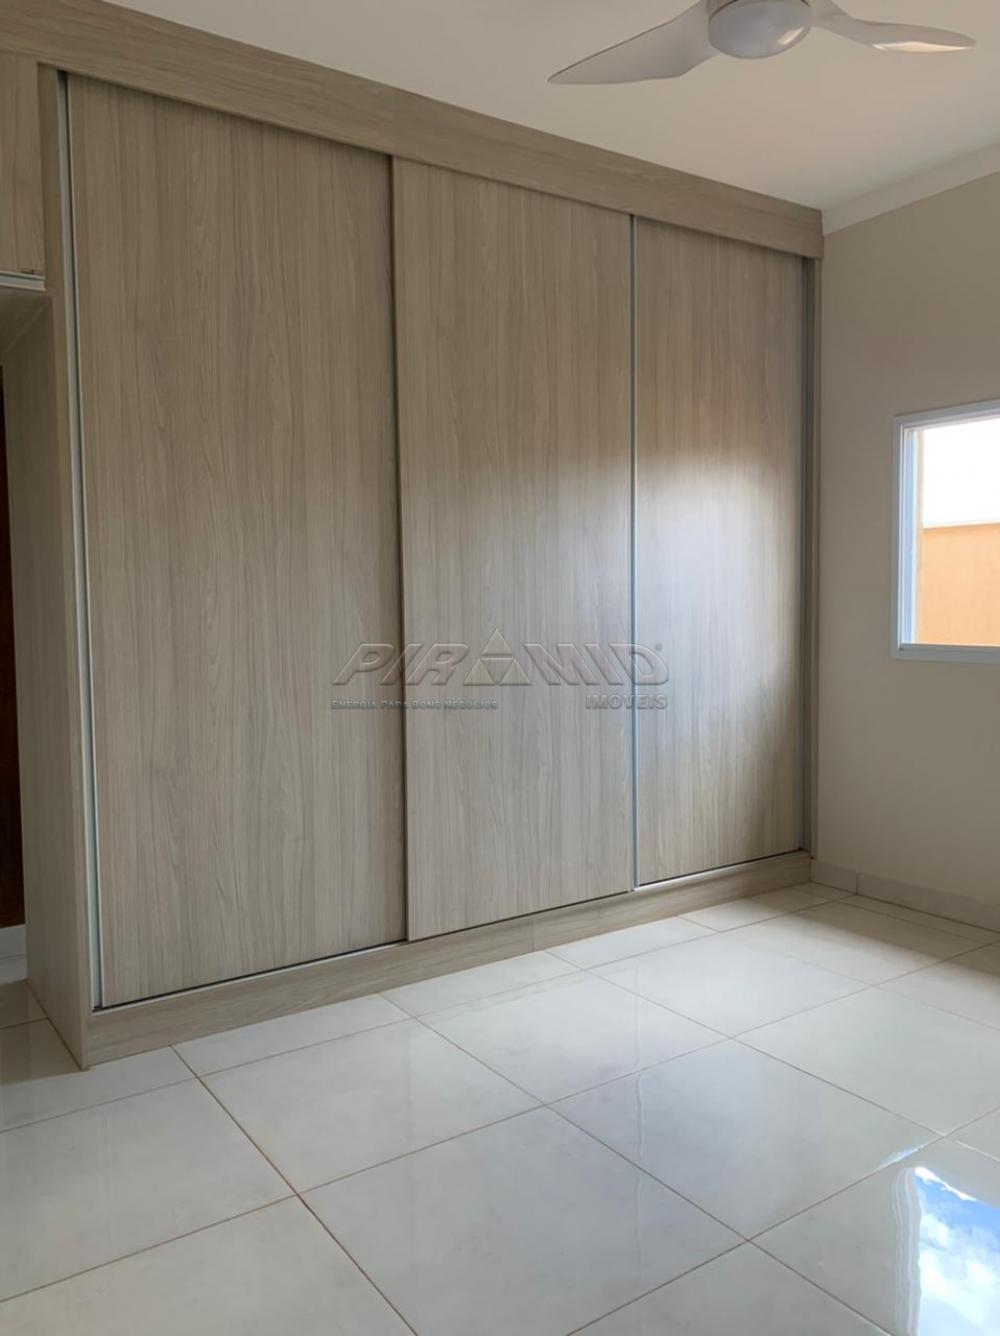 Comprar Casa / Condomínio em Bonfim Paulista R$ 780.000,00 - Foto 5